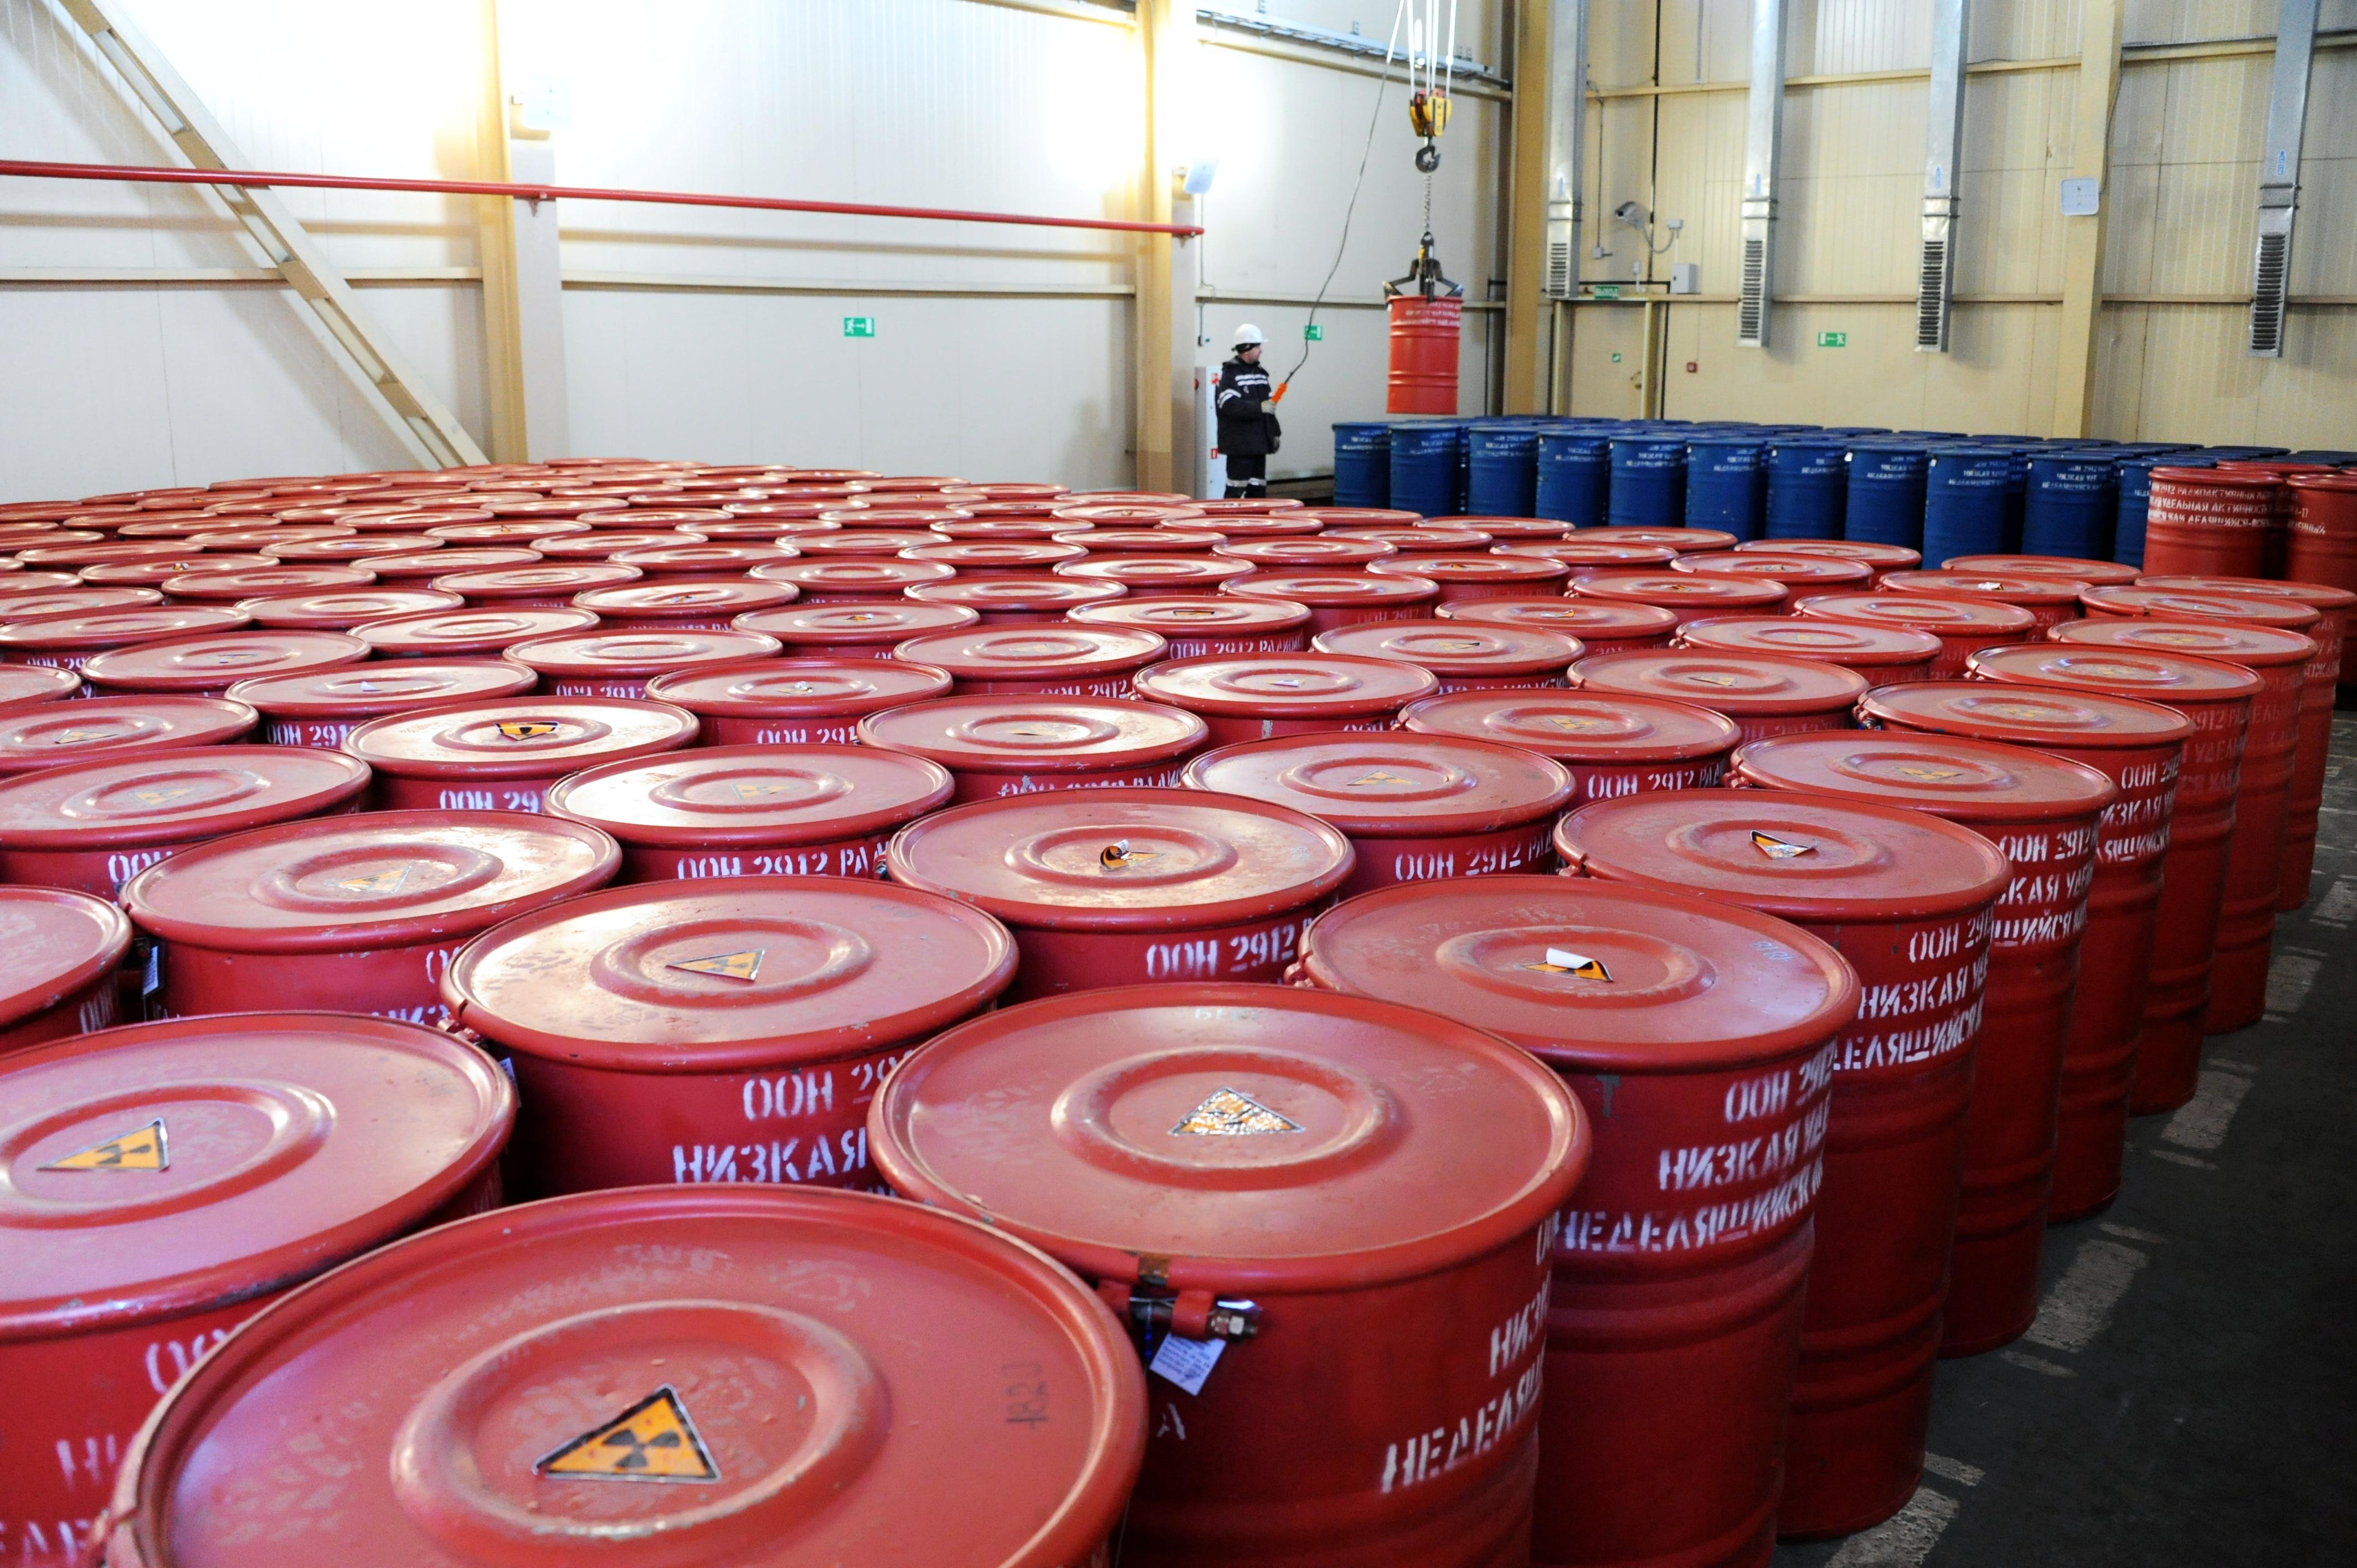 Rendellenes esemény történt Pakson a radioaktív hulladékokat kezelő tárolóban